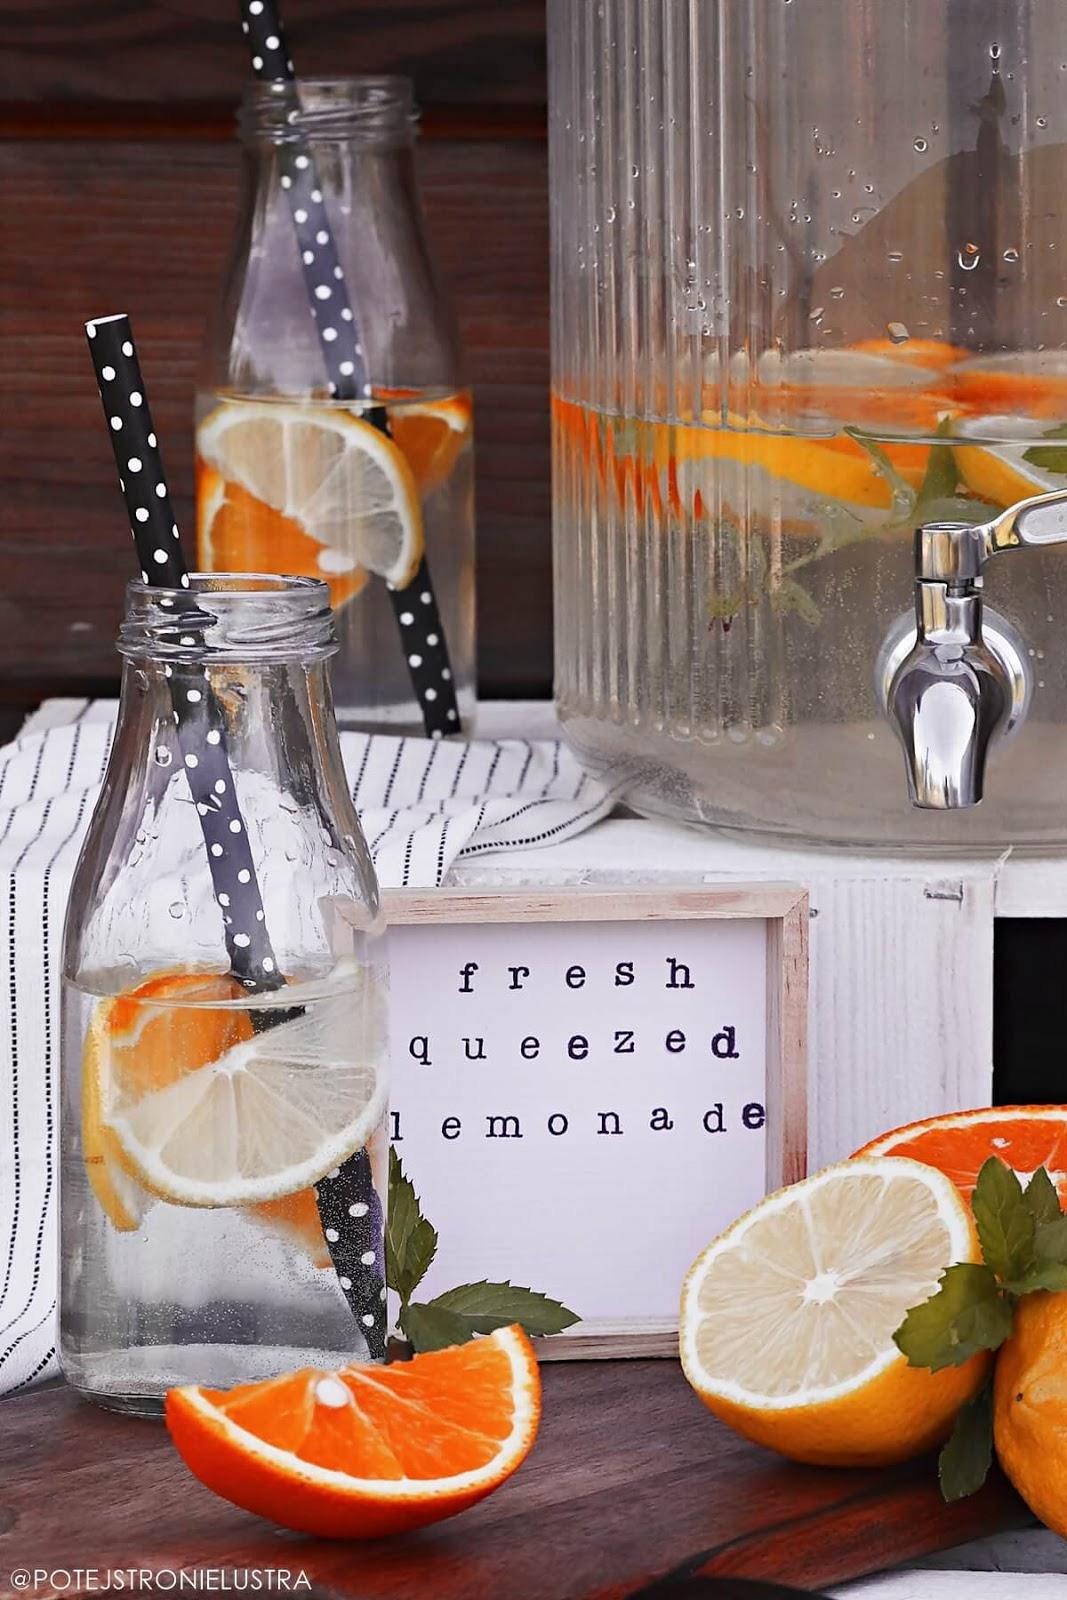 woda z pomarańczą, cytryną i miętą w słoiku z kranikiem i butelkach ze słomkami